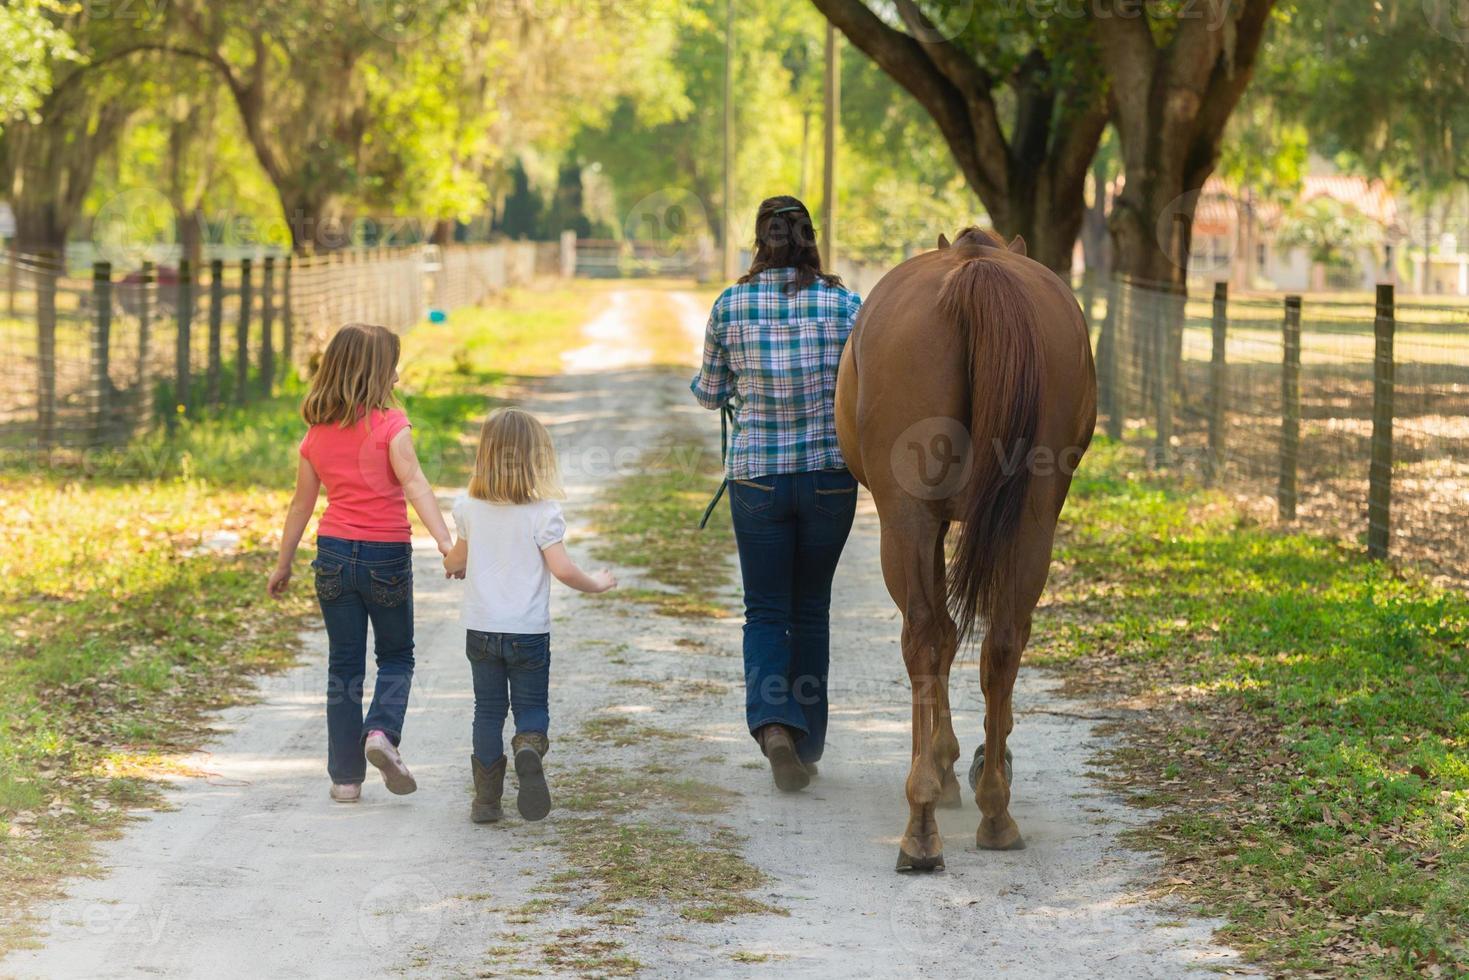 famille avec un cheval photo